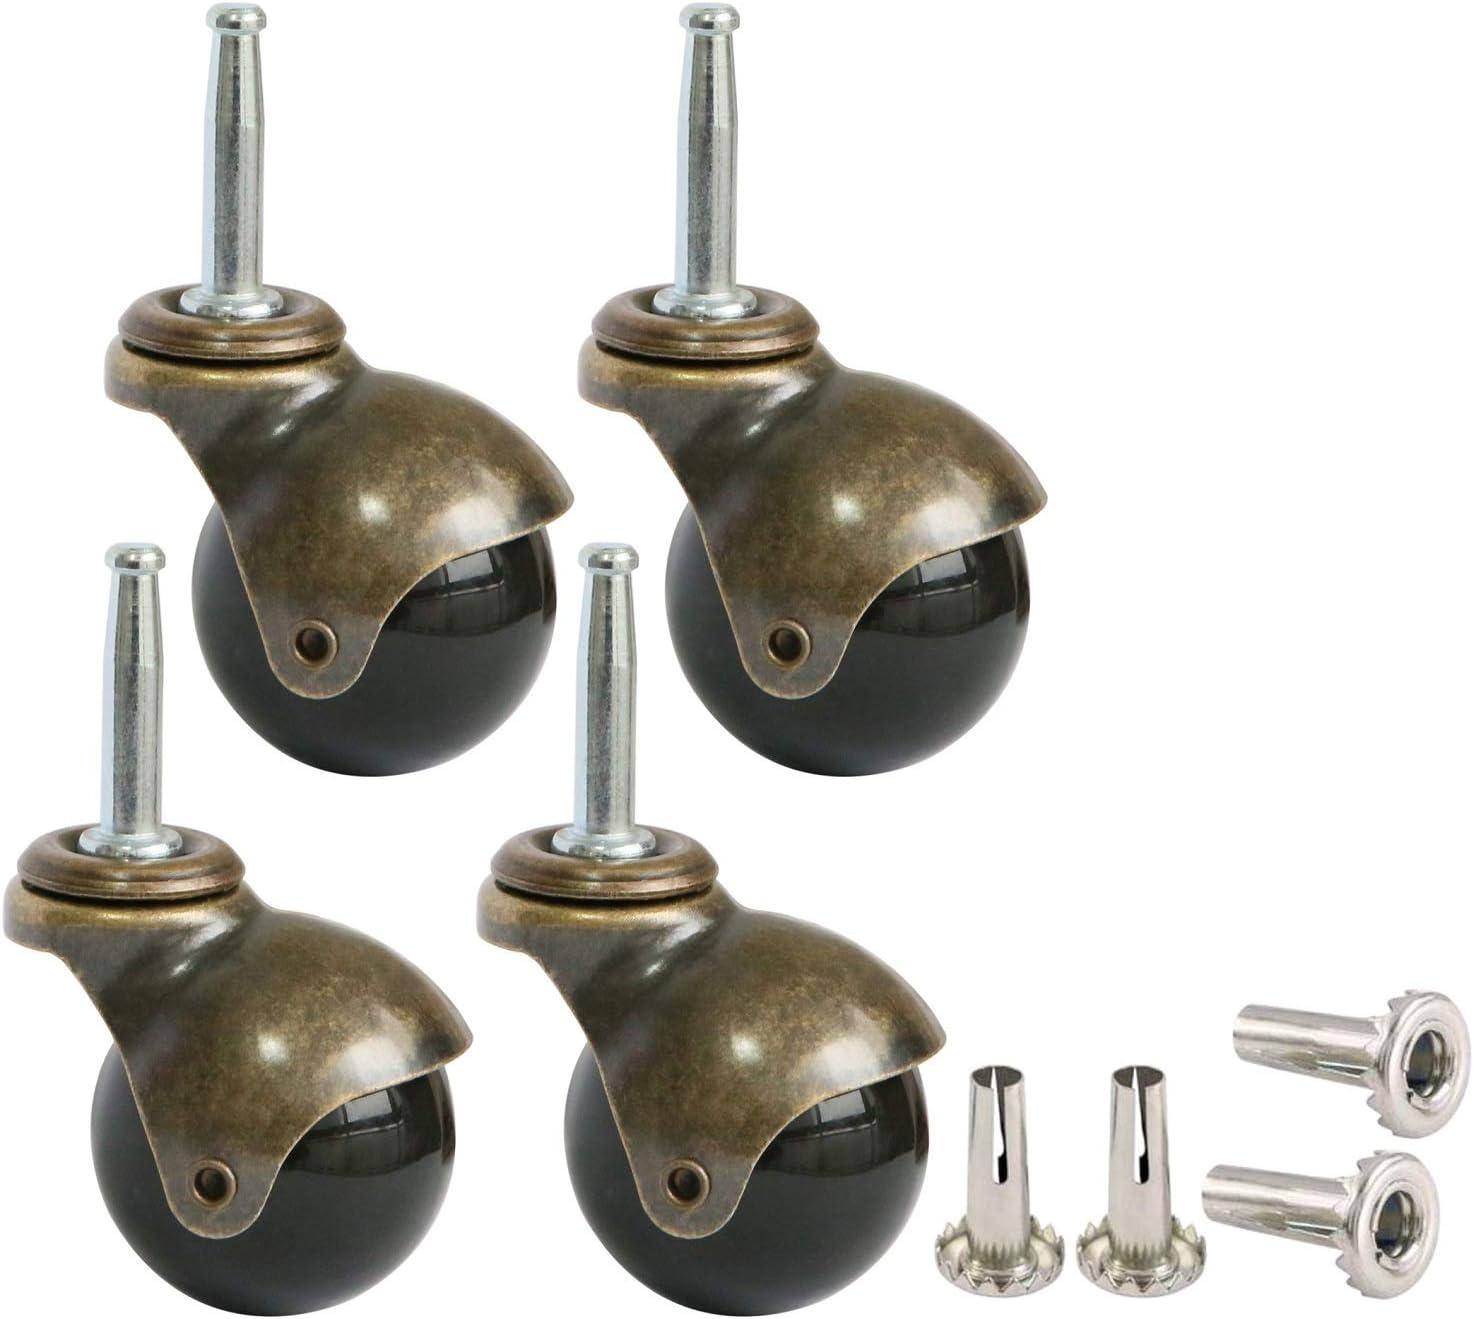 Ruedas orientables de 5 cm recambios para muebles con v/ástago y caja de montaje juego de 4 unidades doradas de MySit